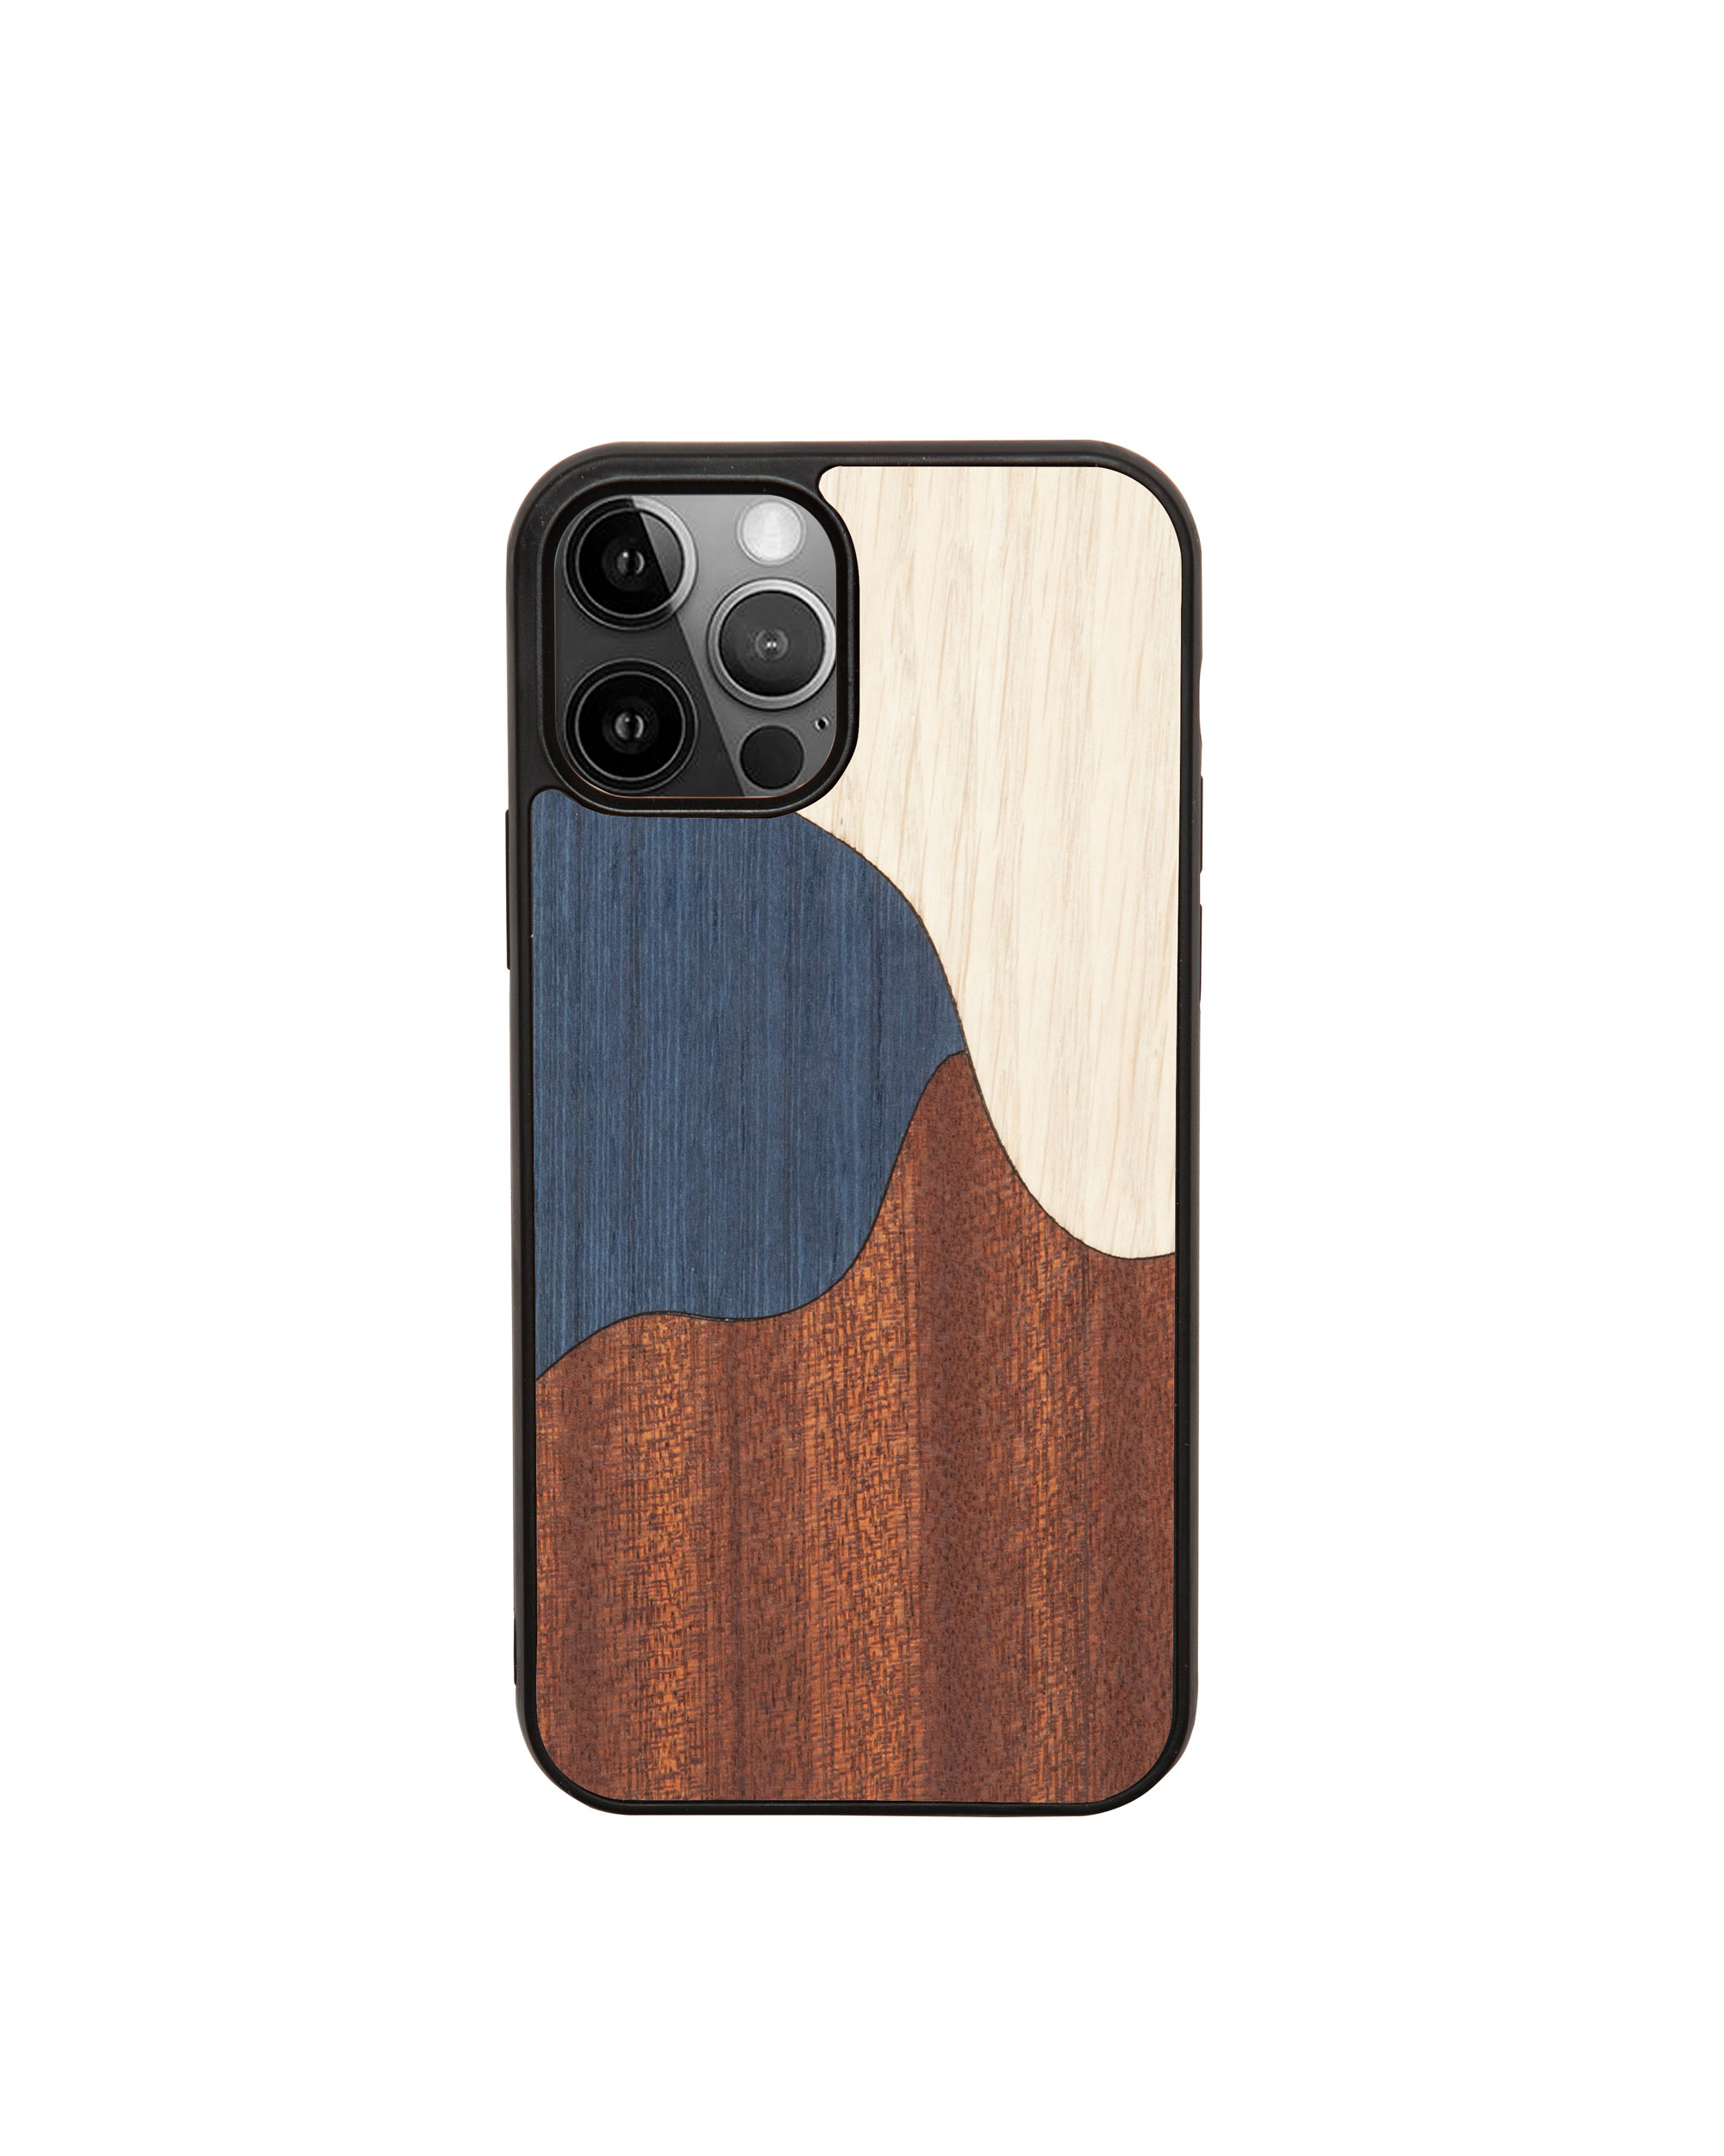 INLAY BLUE - Coque en bois pour iPhone 12 pro max